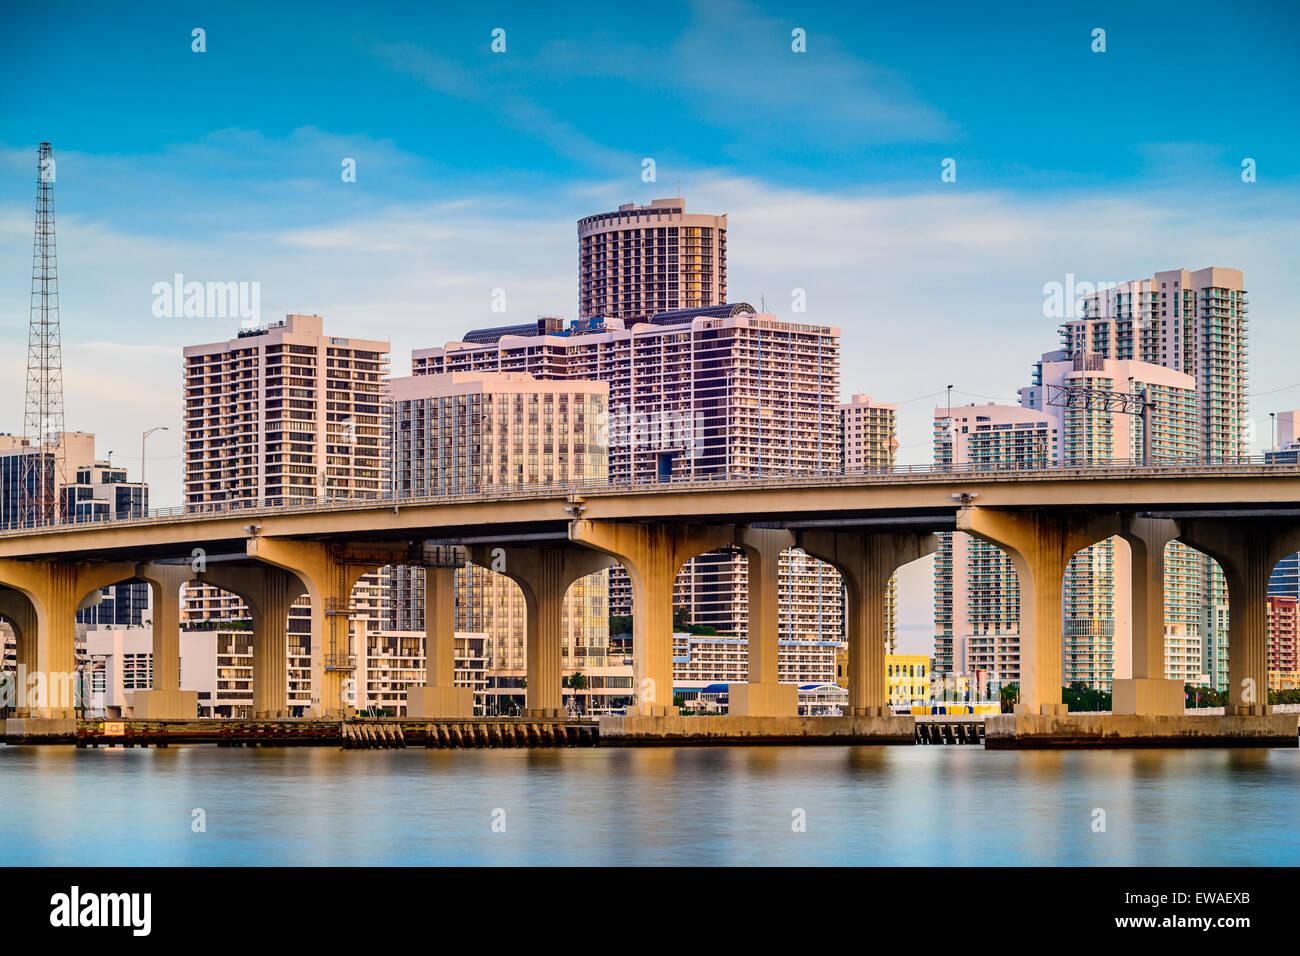 Miami, Florida, USA downtown cityscape. - Stock Image